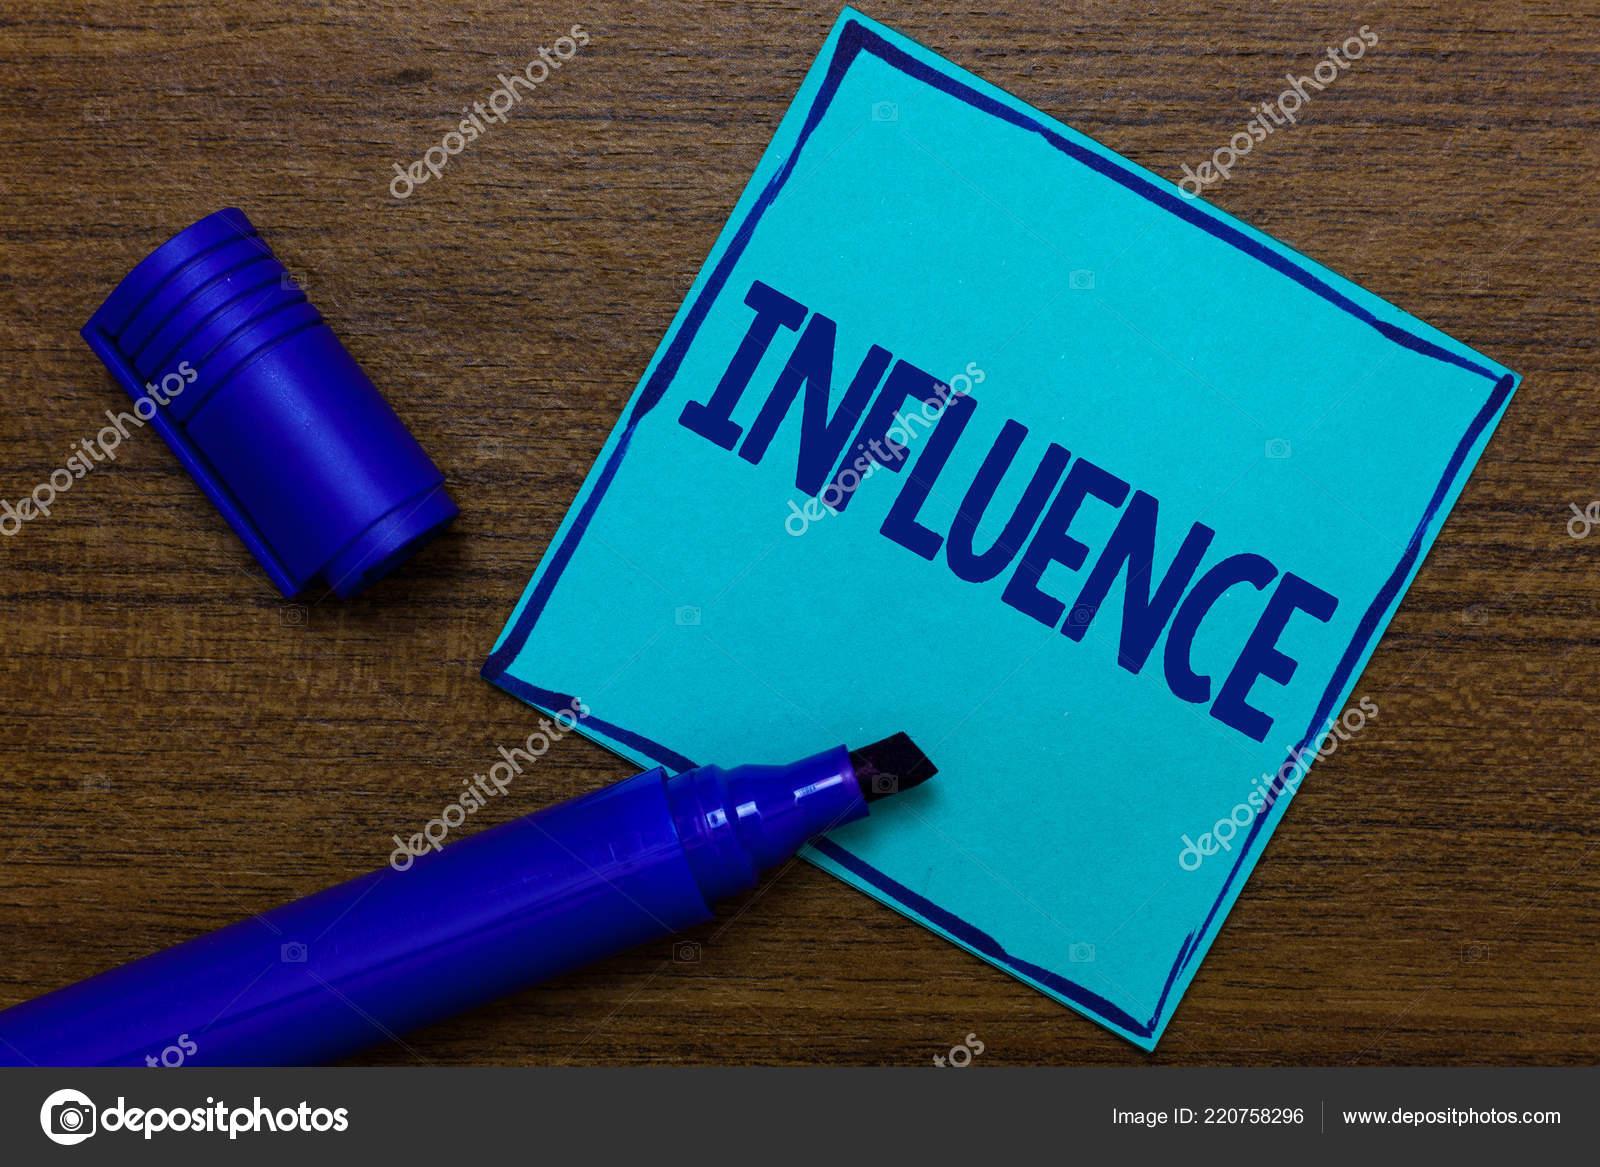 Влияние идей на бизнесе скачать бизнес план открытия